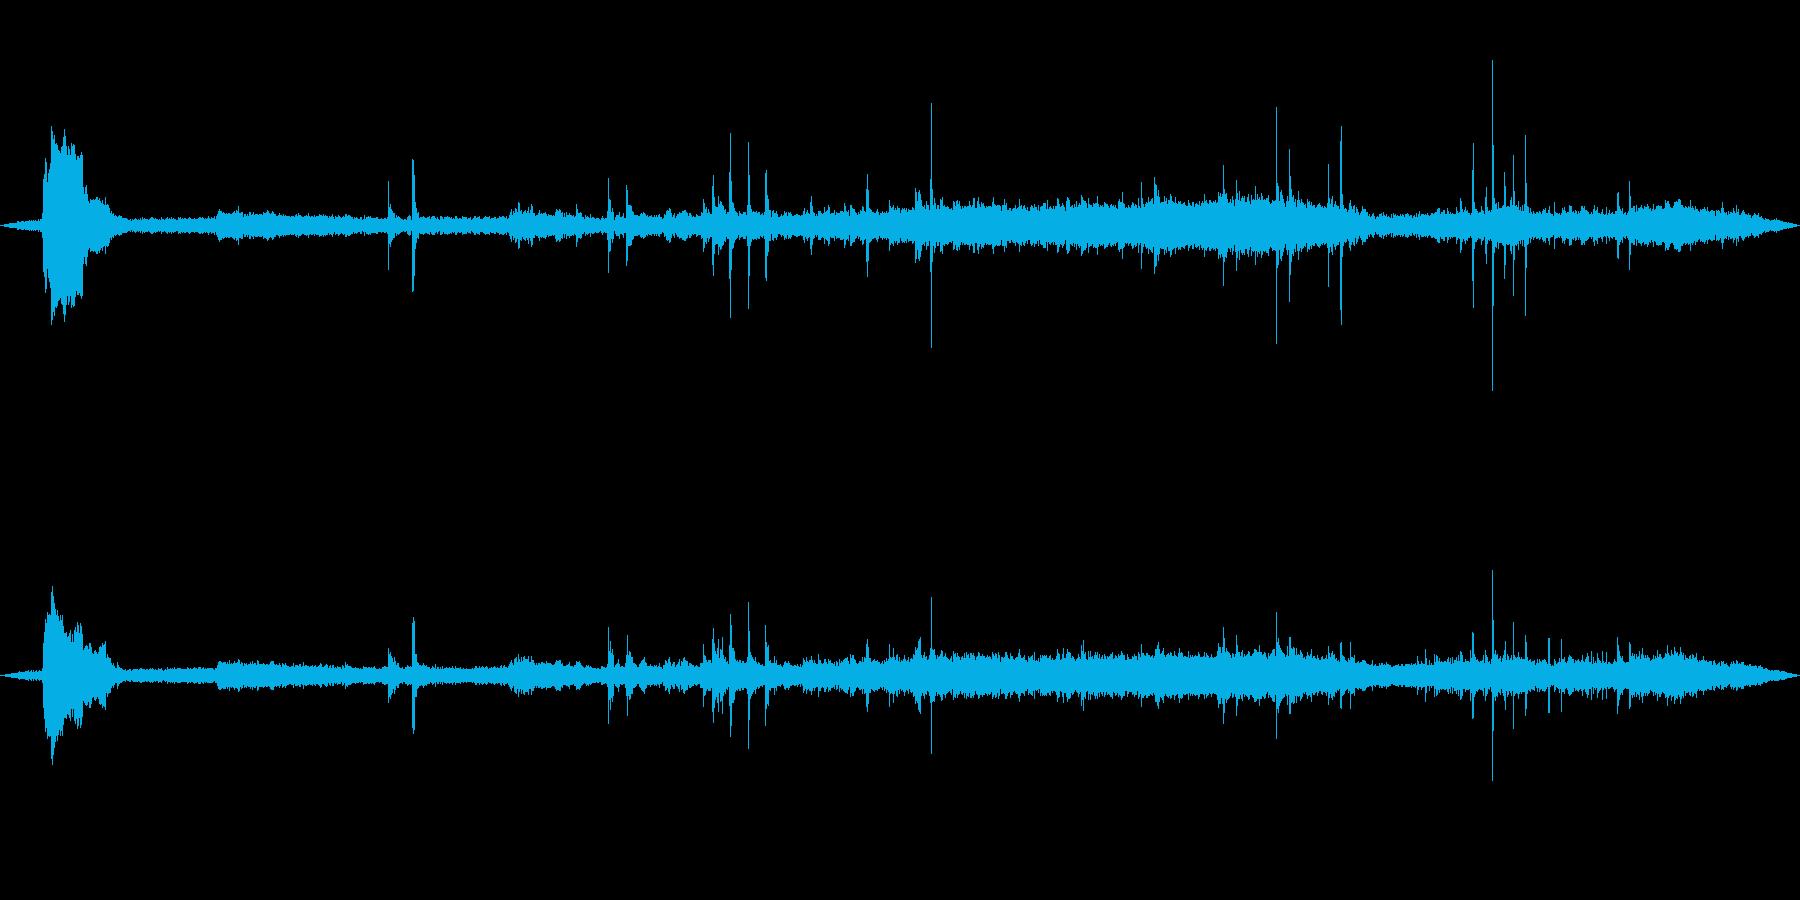 駅を出発するローカル列車 甲高い警笛の再生済みの波形